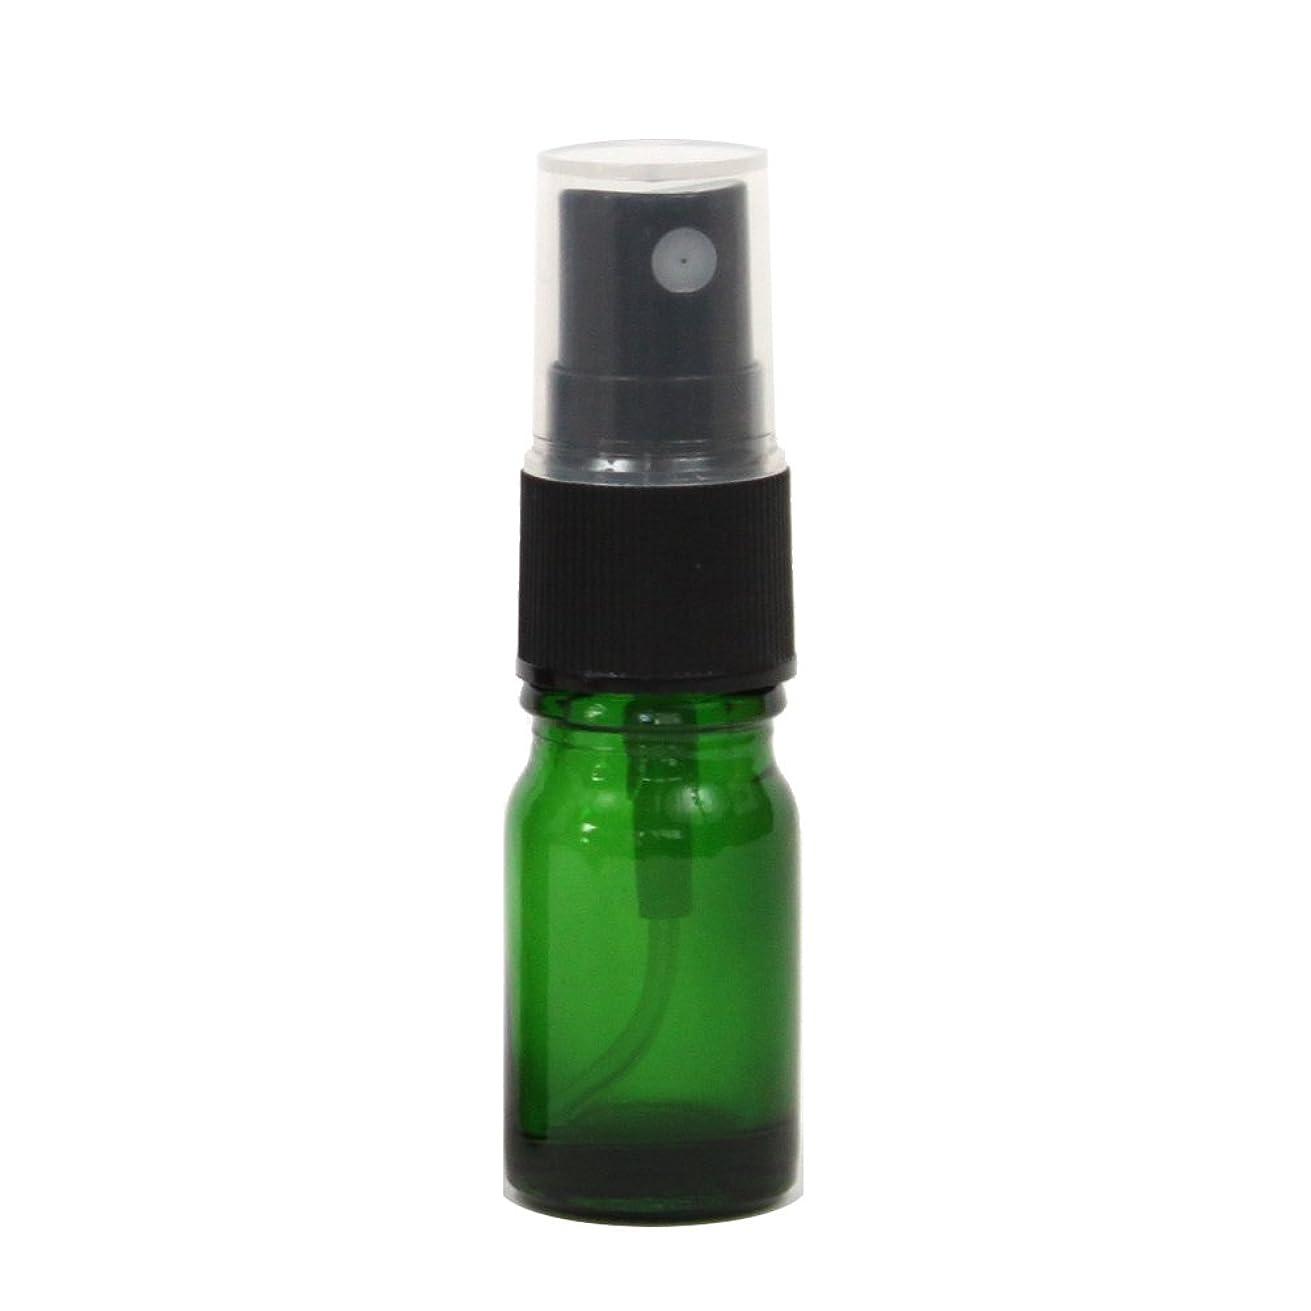 フェリーベリインフレーションスプレーボトル ガラス瓶 5mL 遮光性グリーン ガラスアトマイザー 空容器